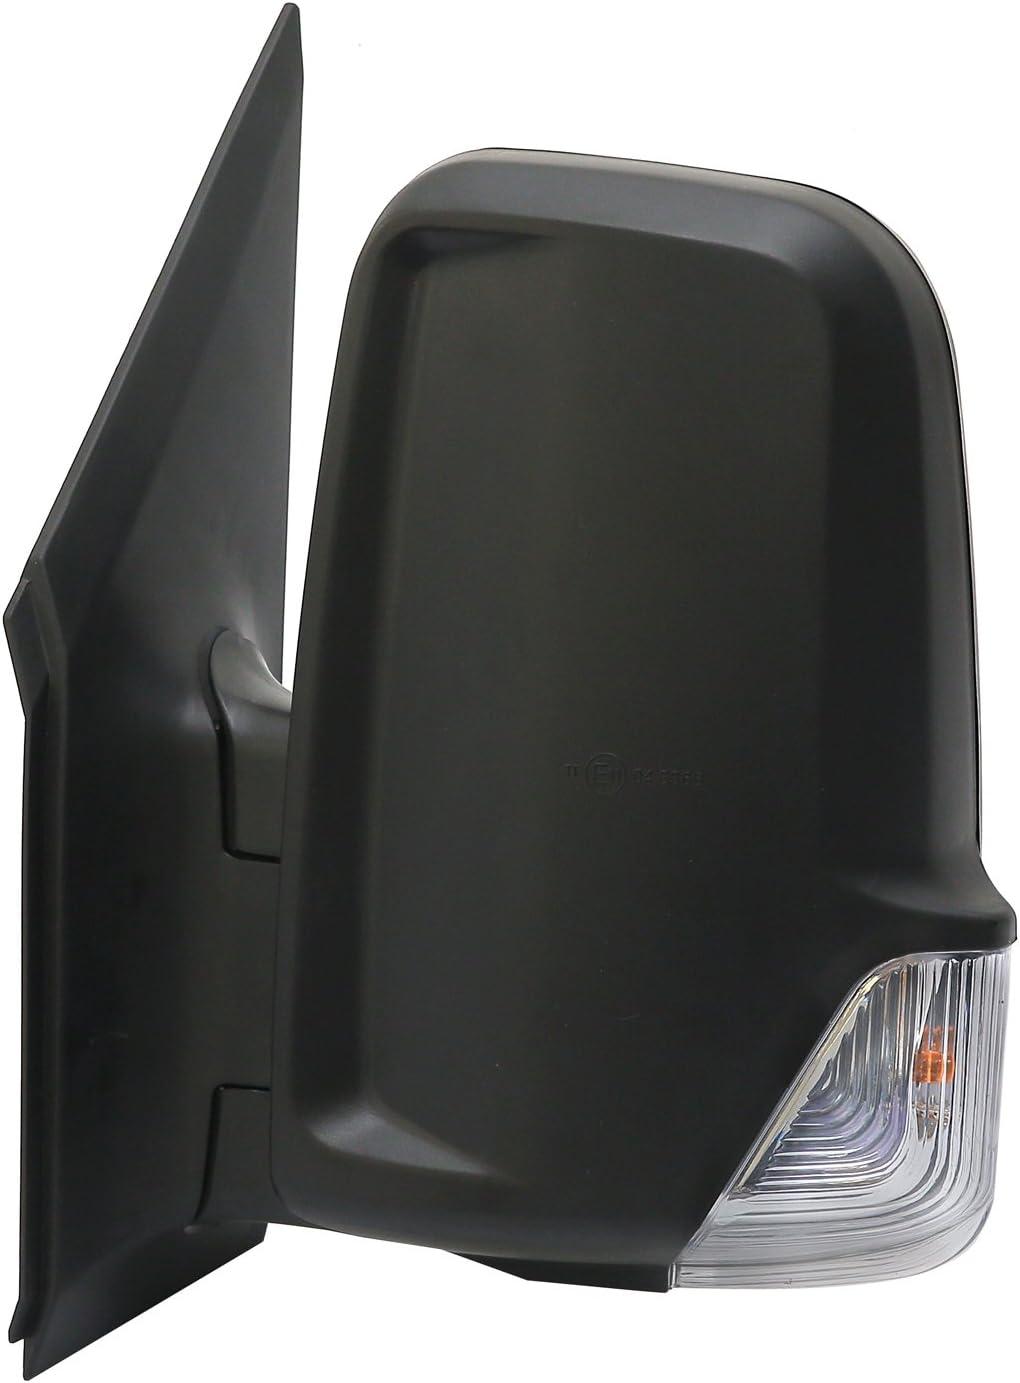 NEW ELECTRIC DOOR MIRROR for MERCEDES BENZ SPRINTER VAN 2006-2009 LEFT SIDE LH